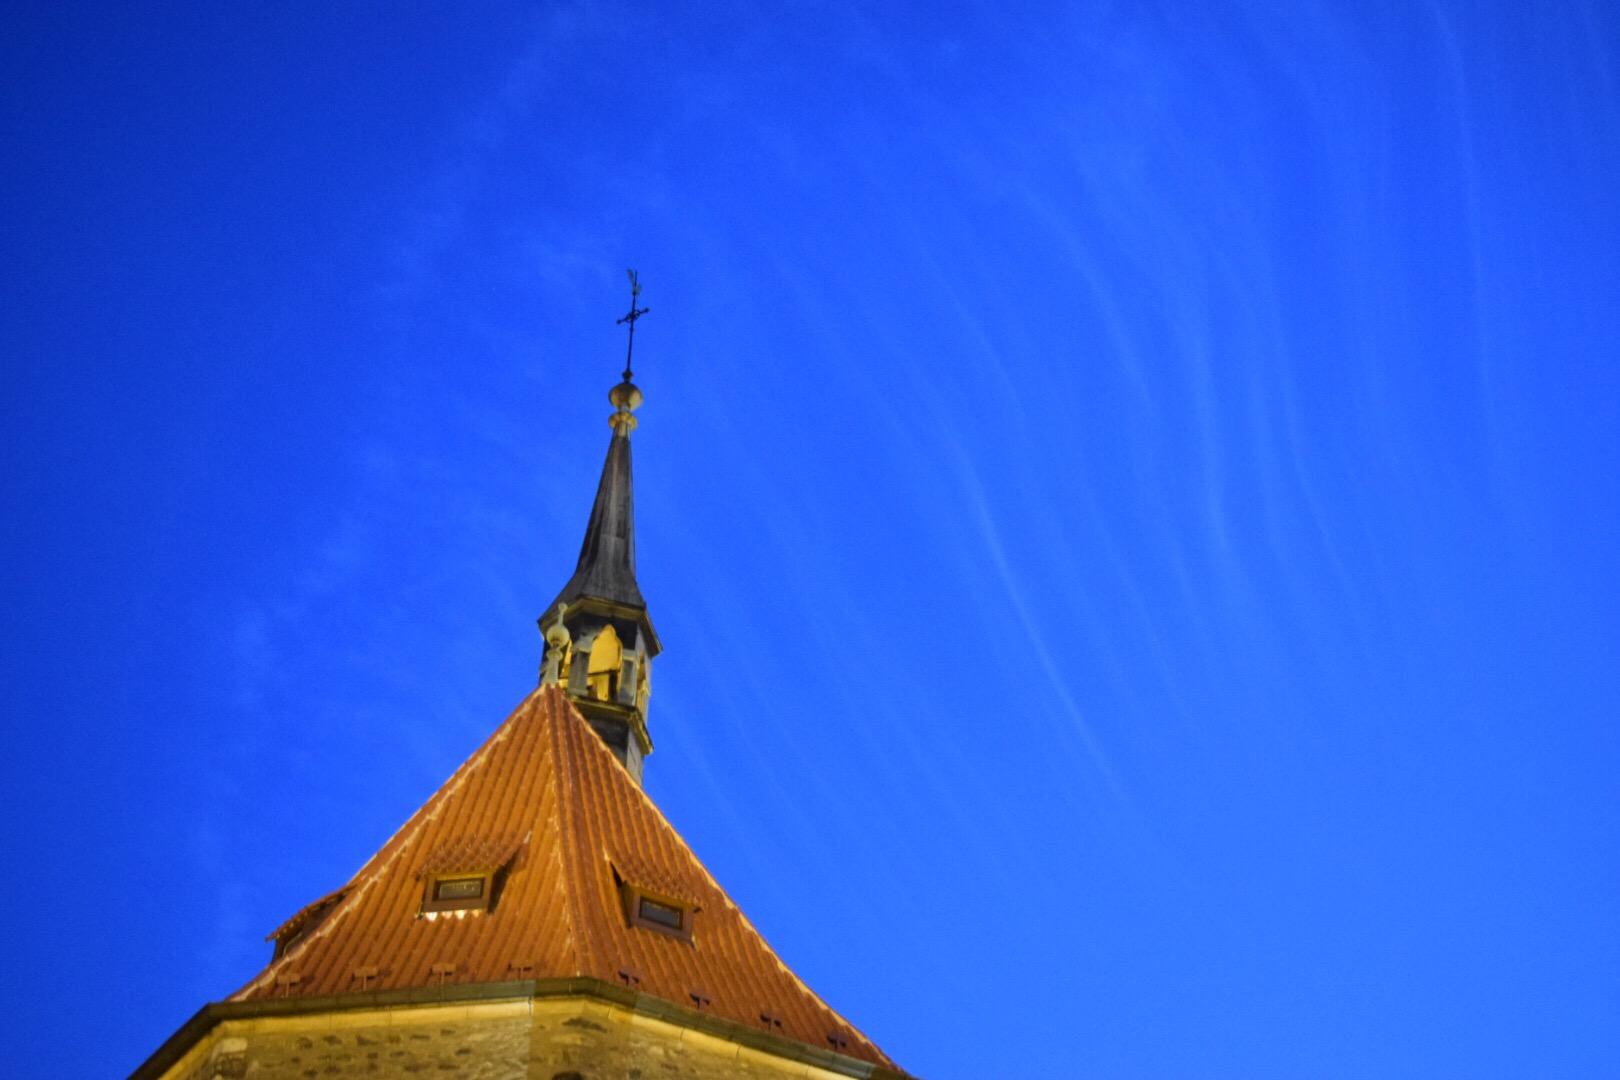 From Wunderwerk in Dresden to Wild Jazz in Prague